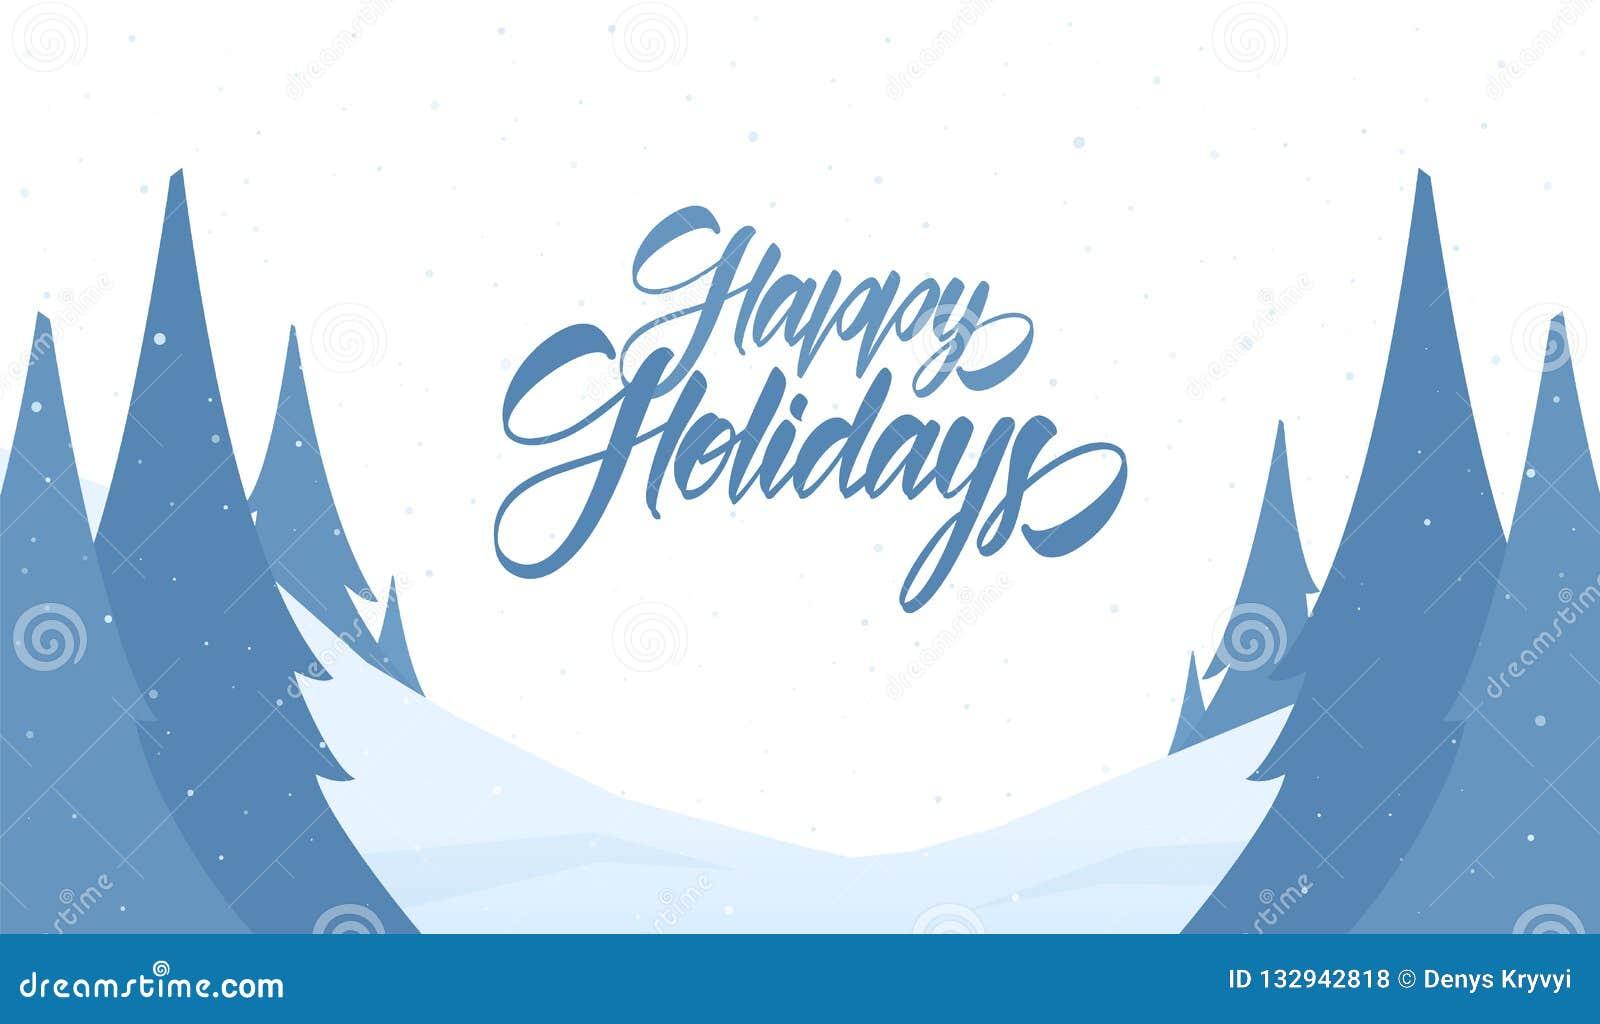 Kortdaghälsningen irises vektorn för moder s Snöig julbakgrund med handbokstäver av lyckligt semestrar och sörjer